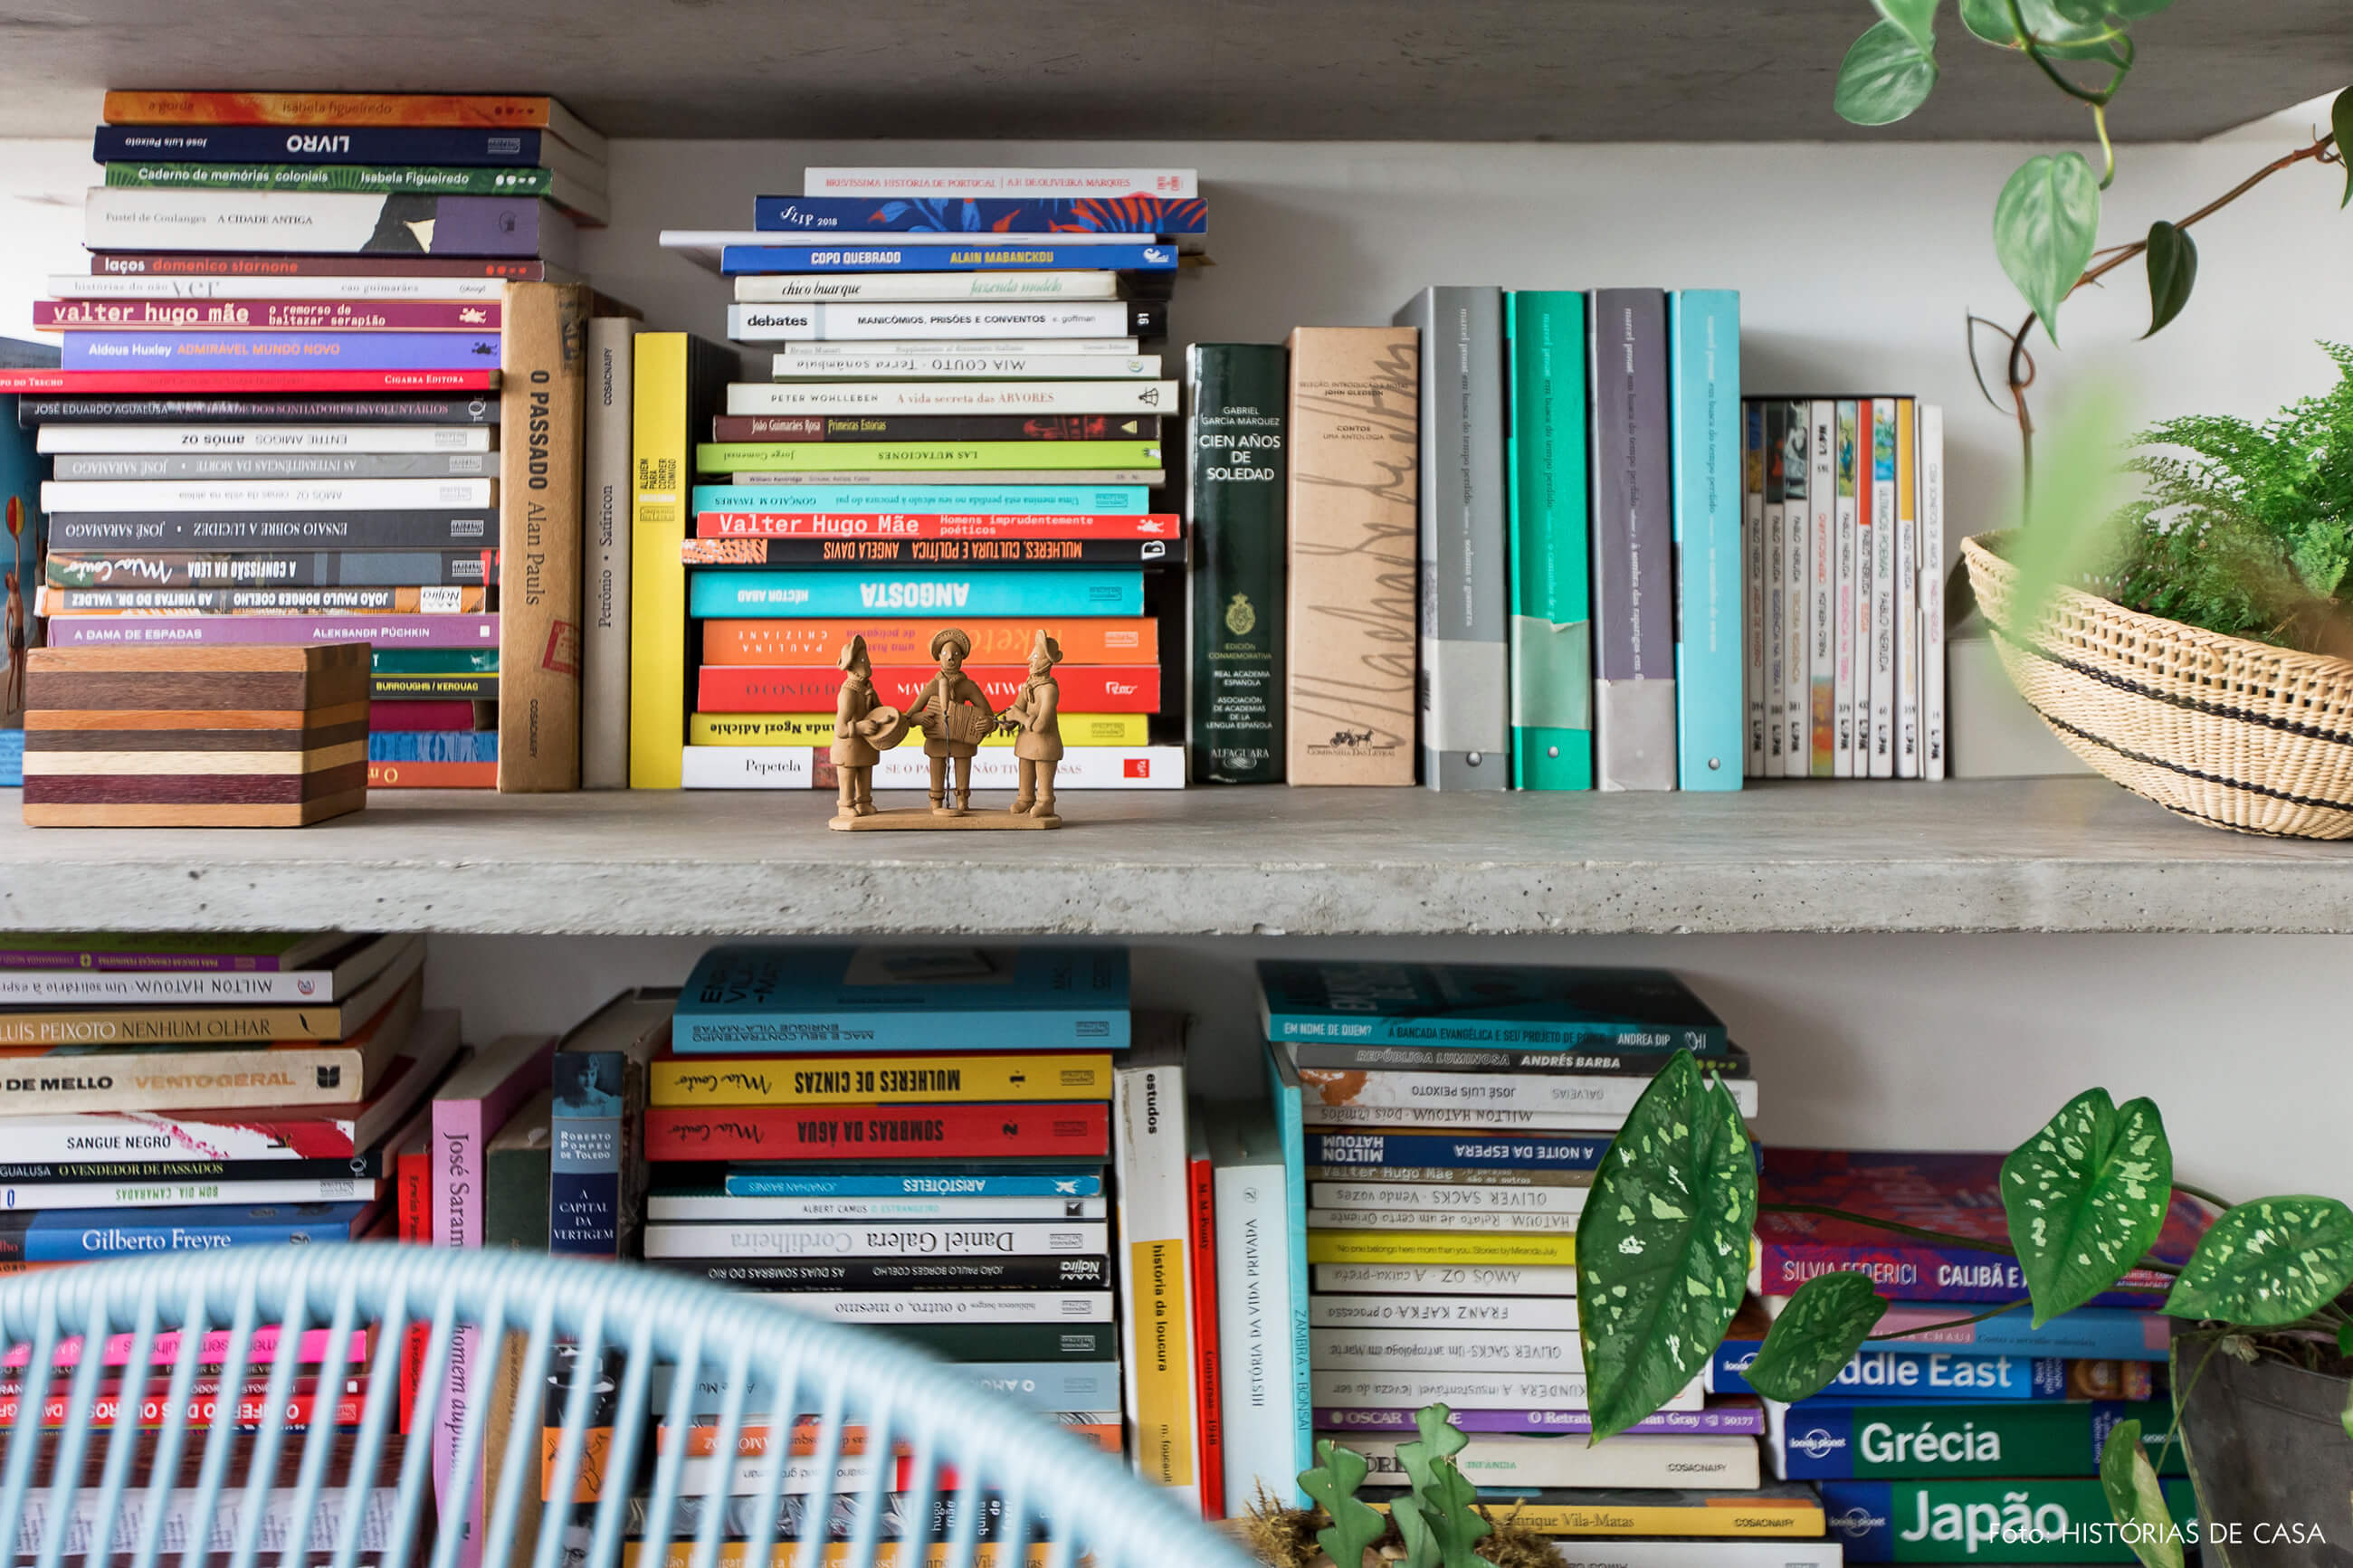 Sala com varanda integrada, piso de seixos e prateleiras de concreto com muitos livros